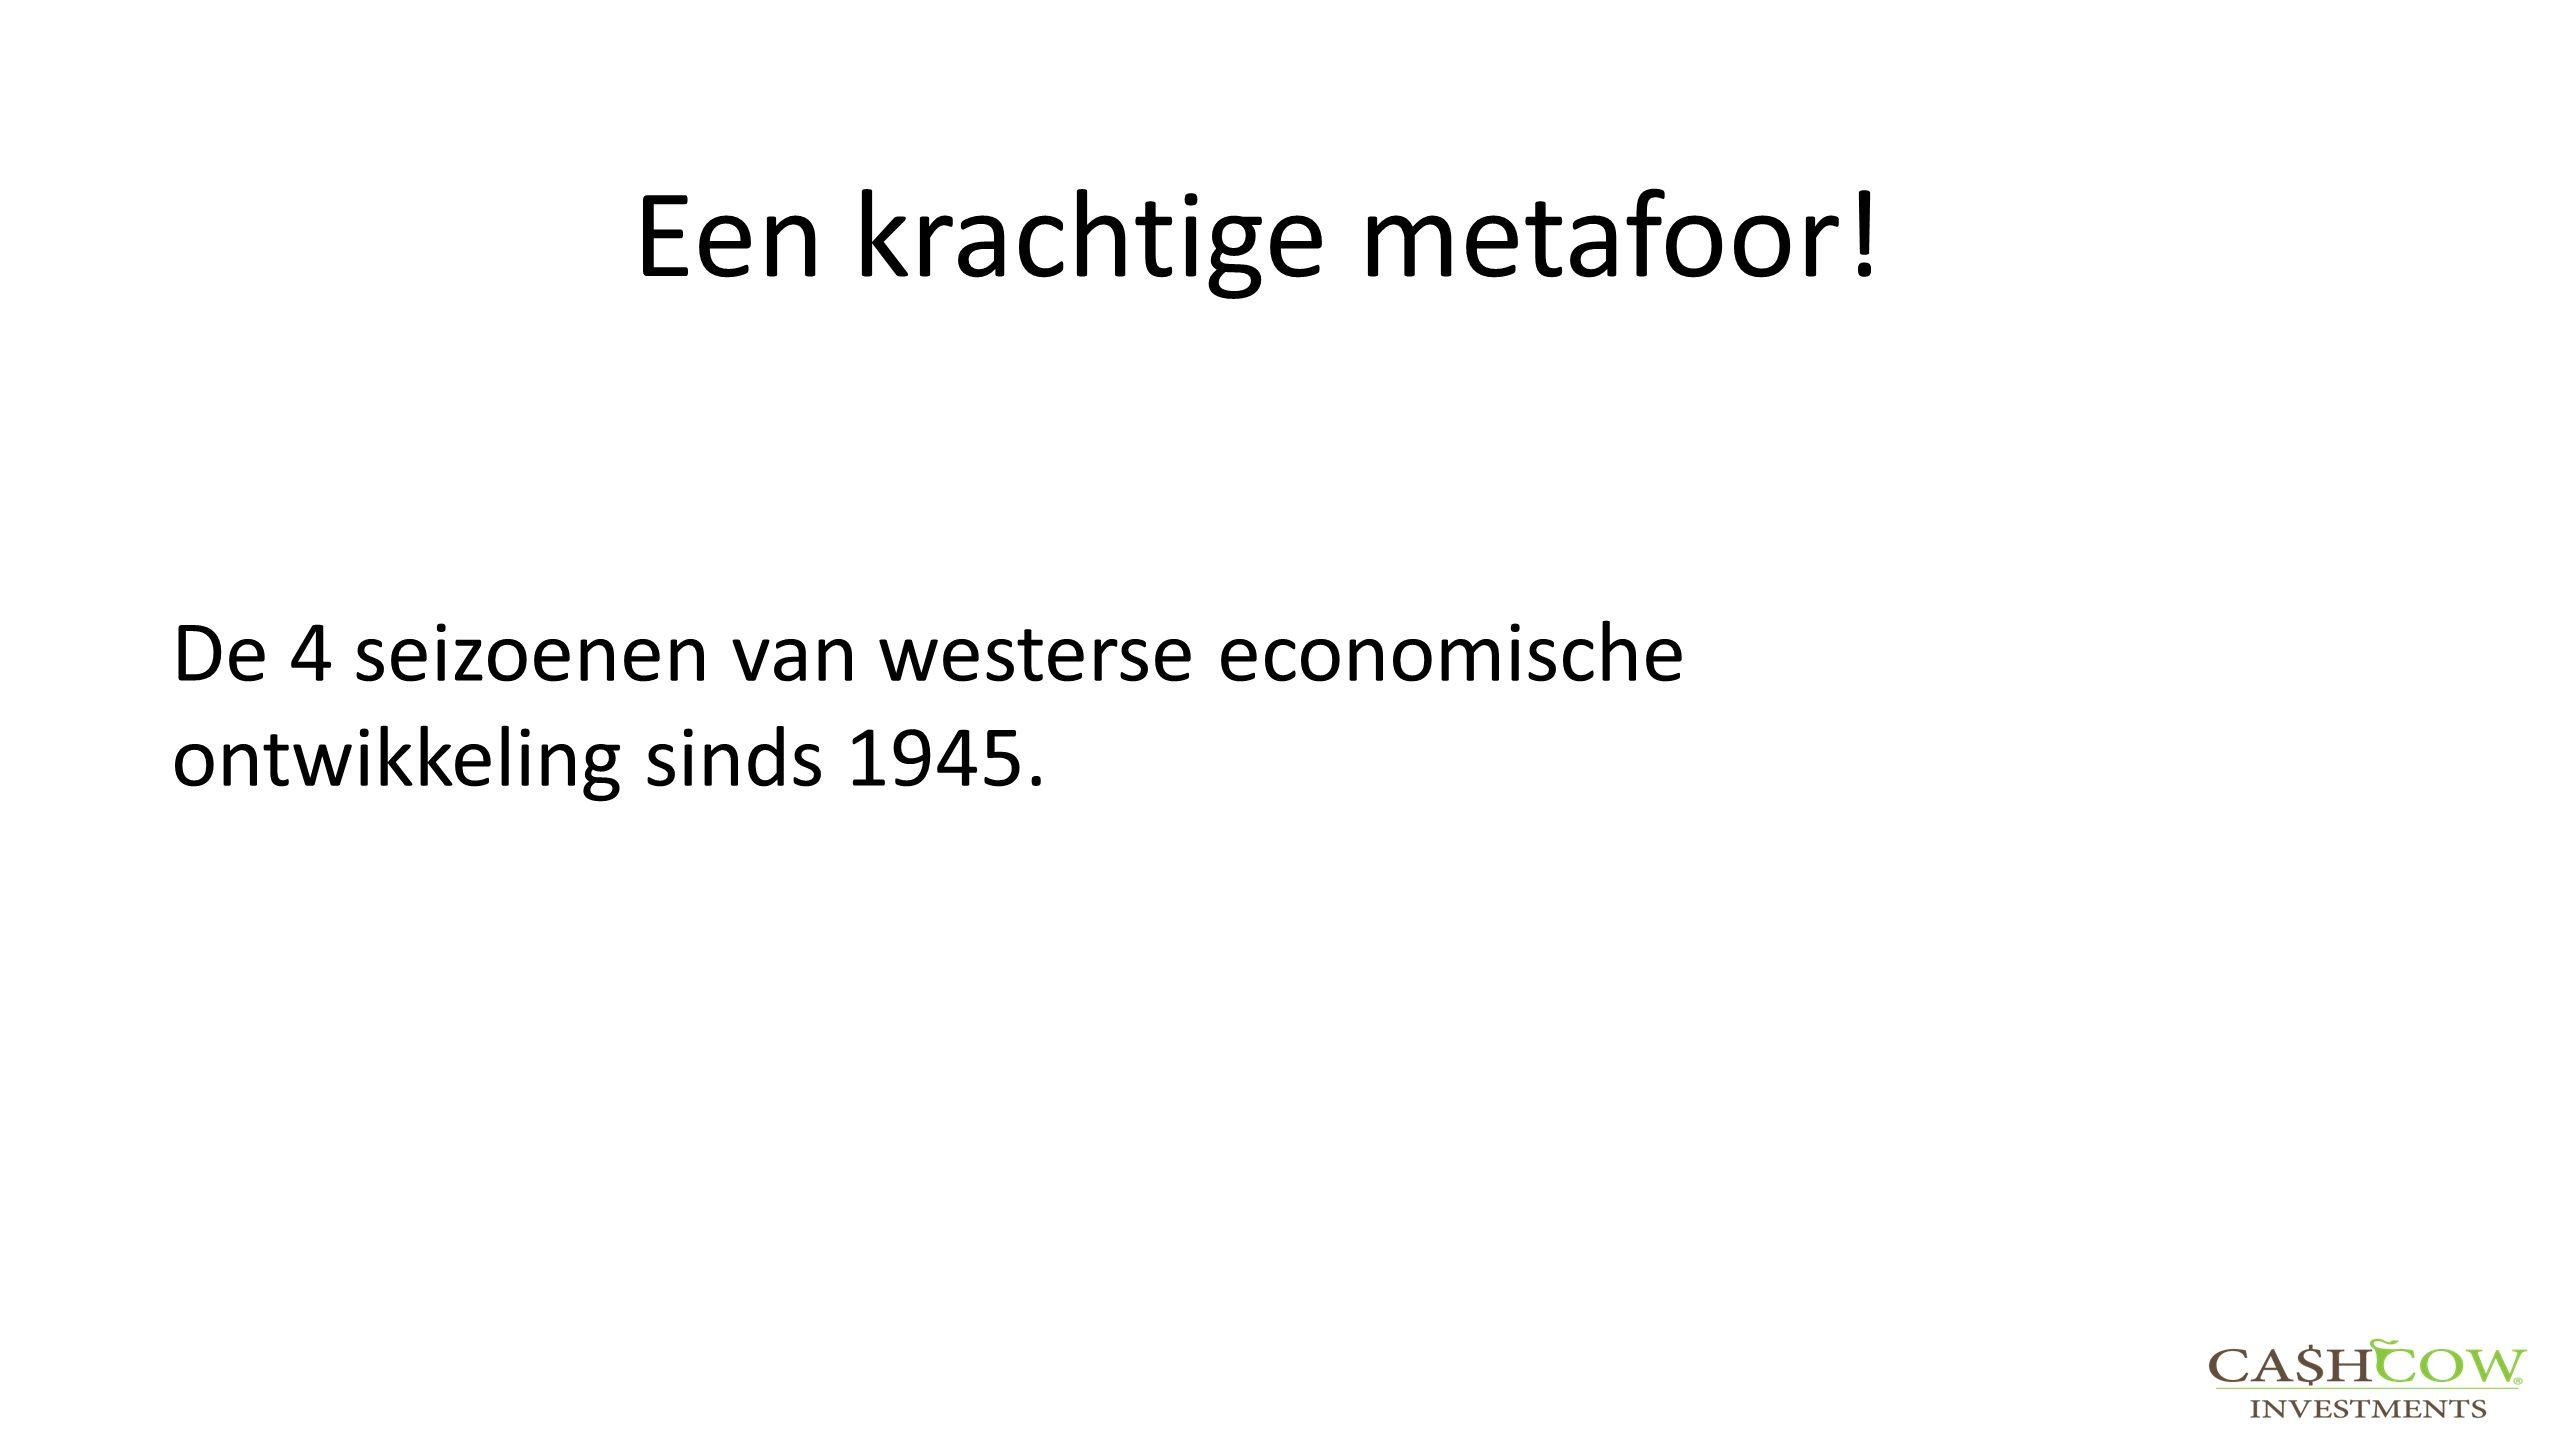 Een krachtige metafoor! De 4 seizoenen van westerse economische ontwikkeling sinds 1945.